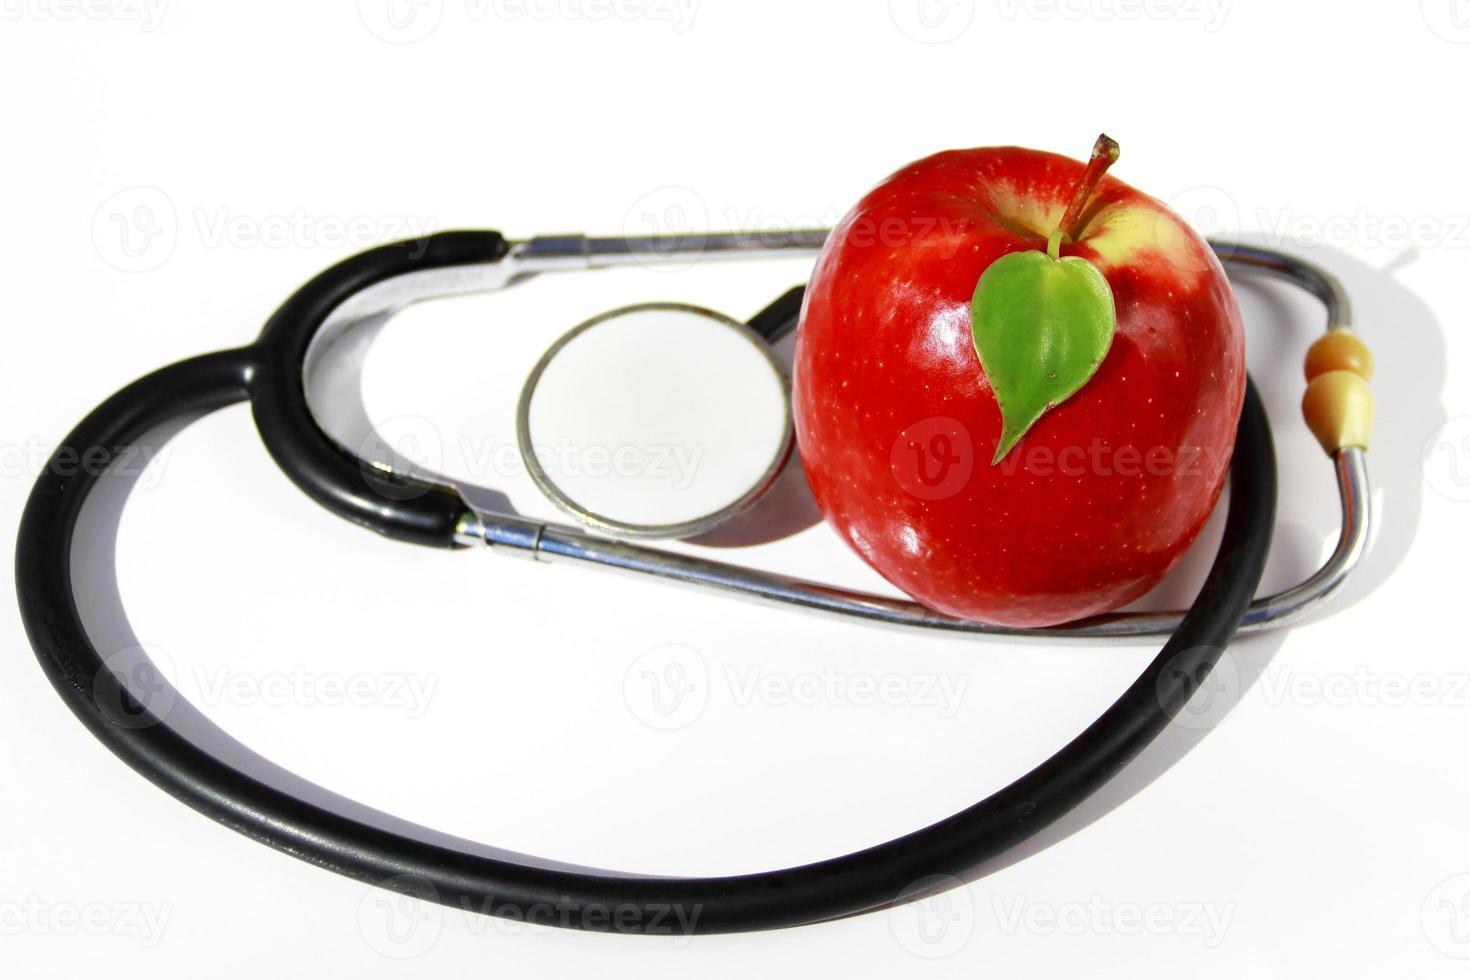 des soins sains. photo